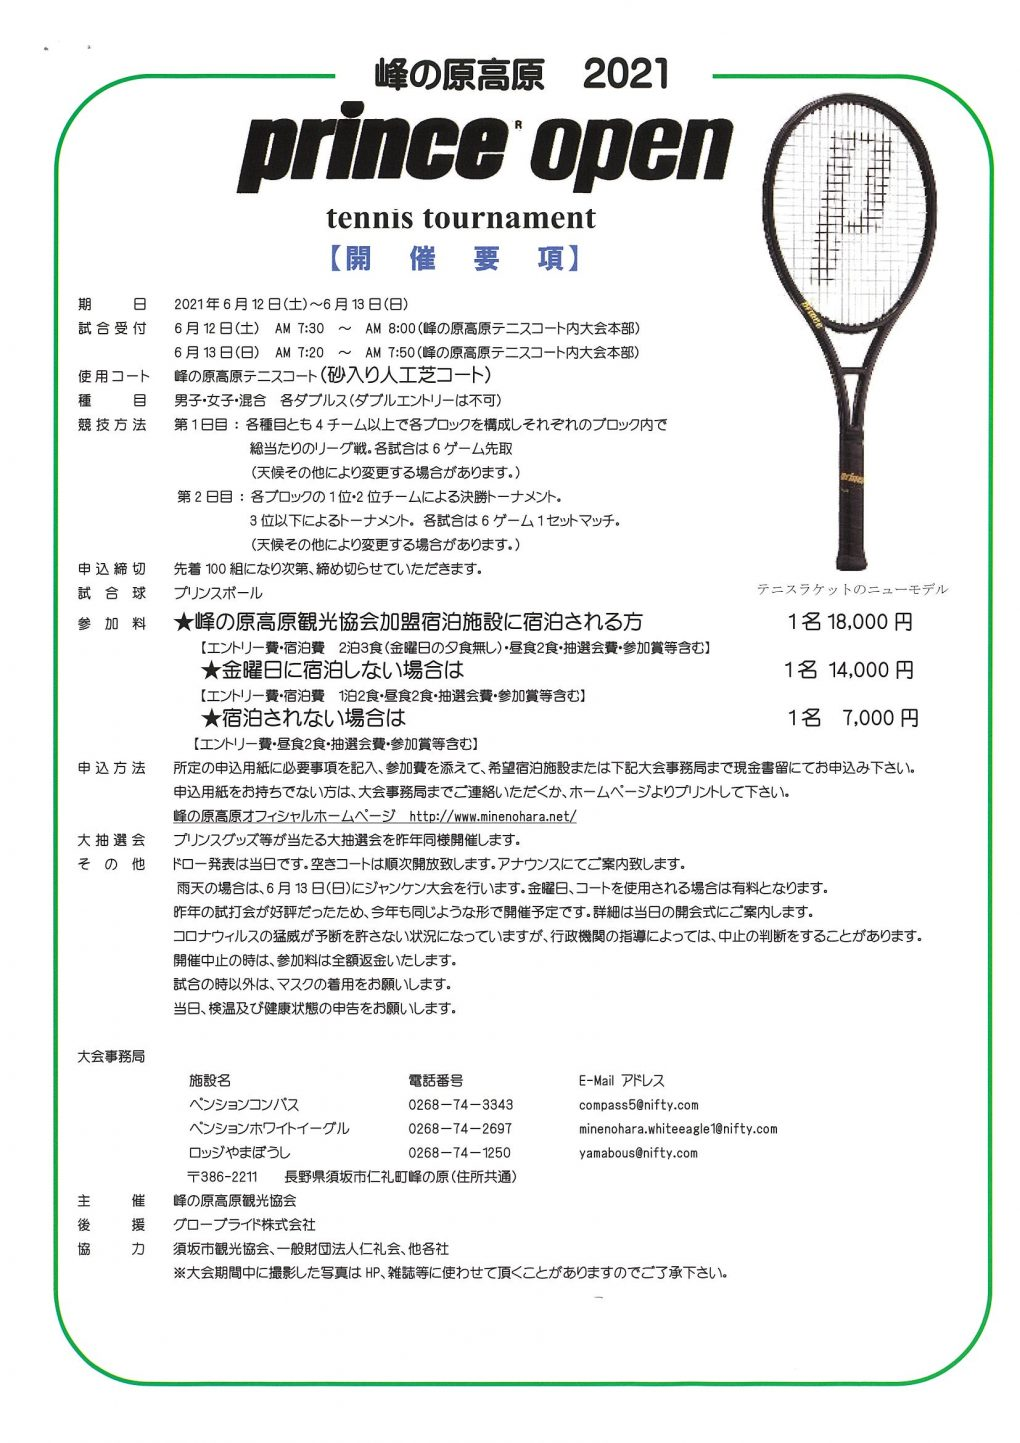 テニストーナメント概要